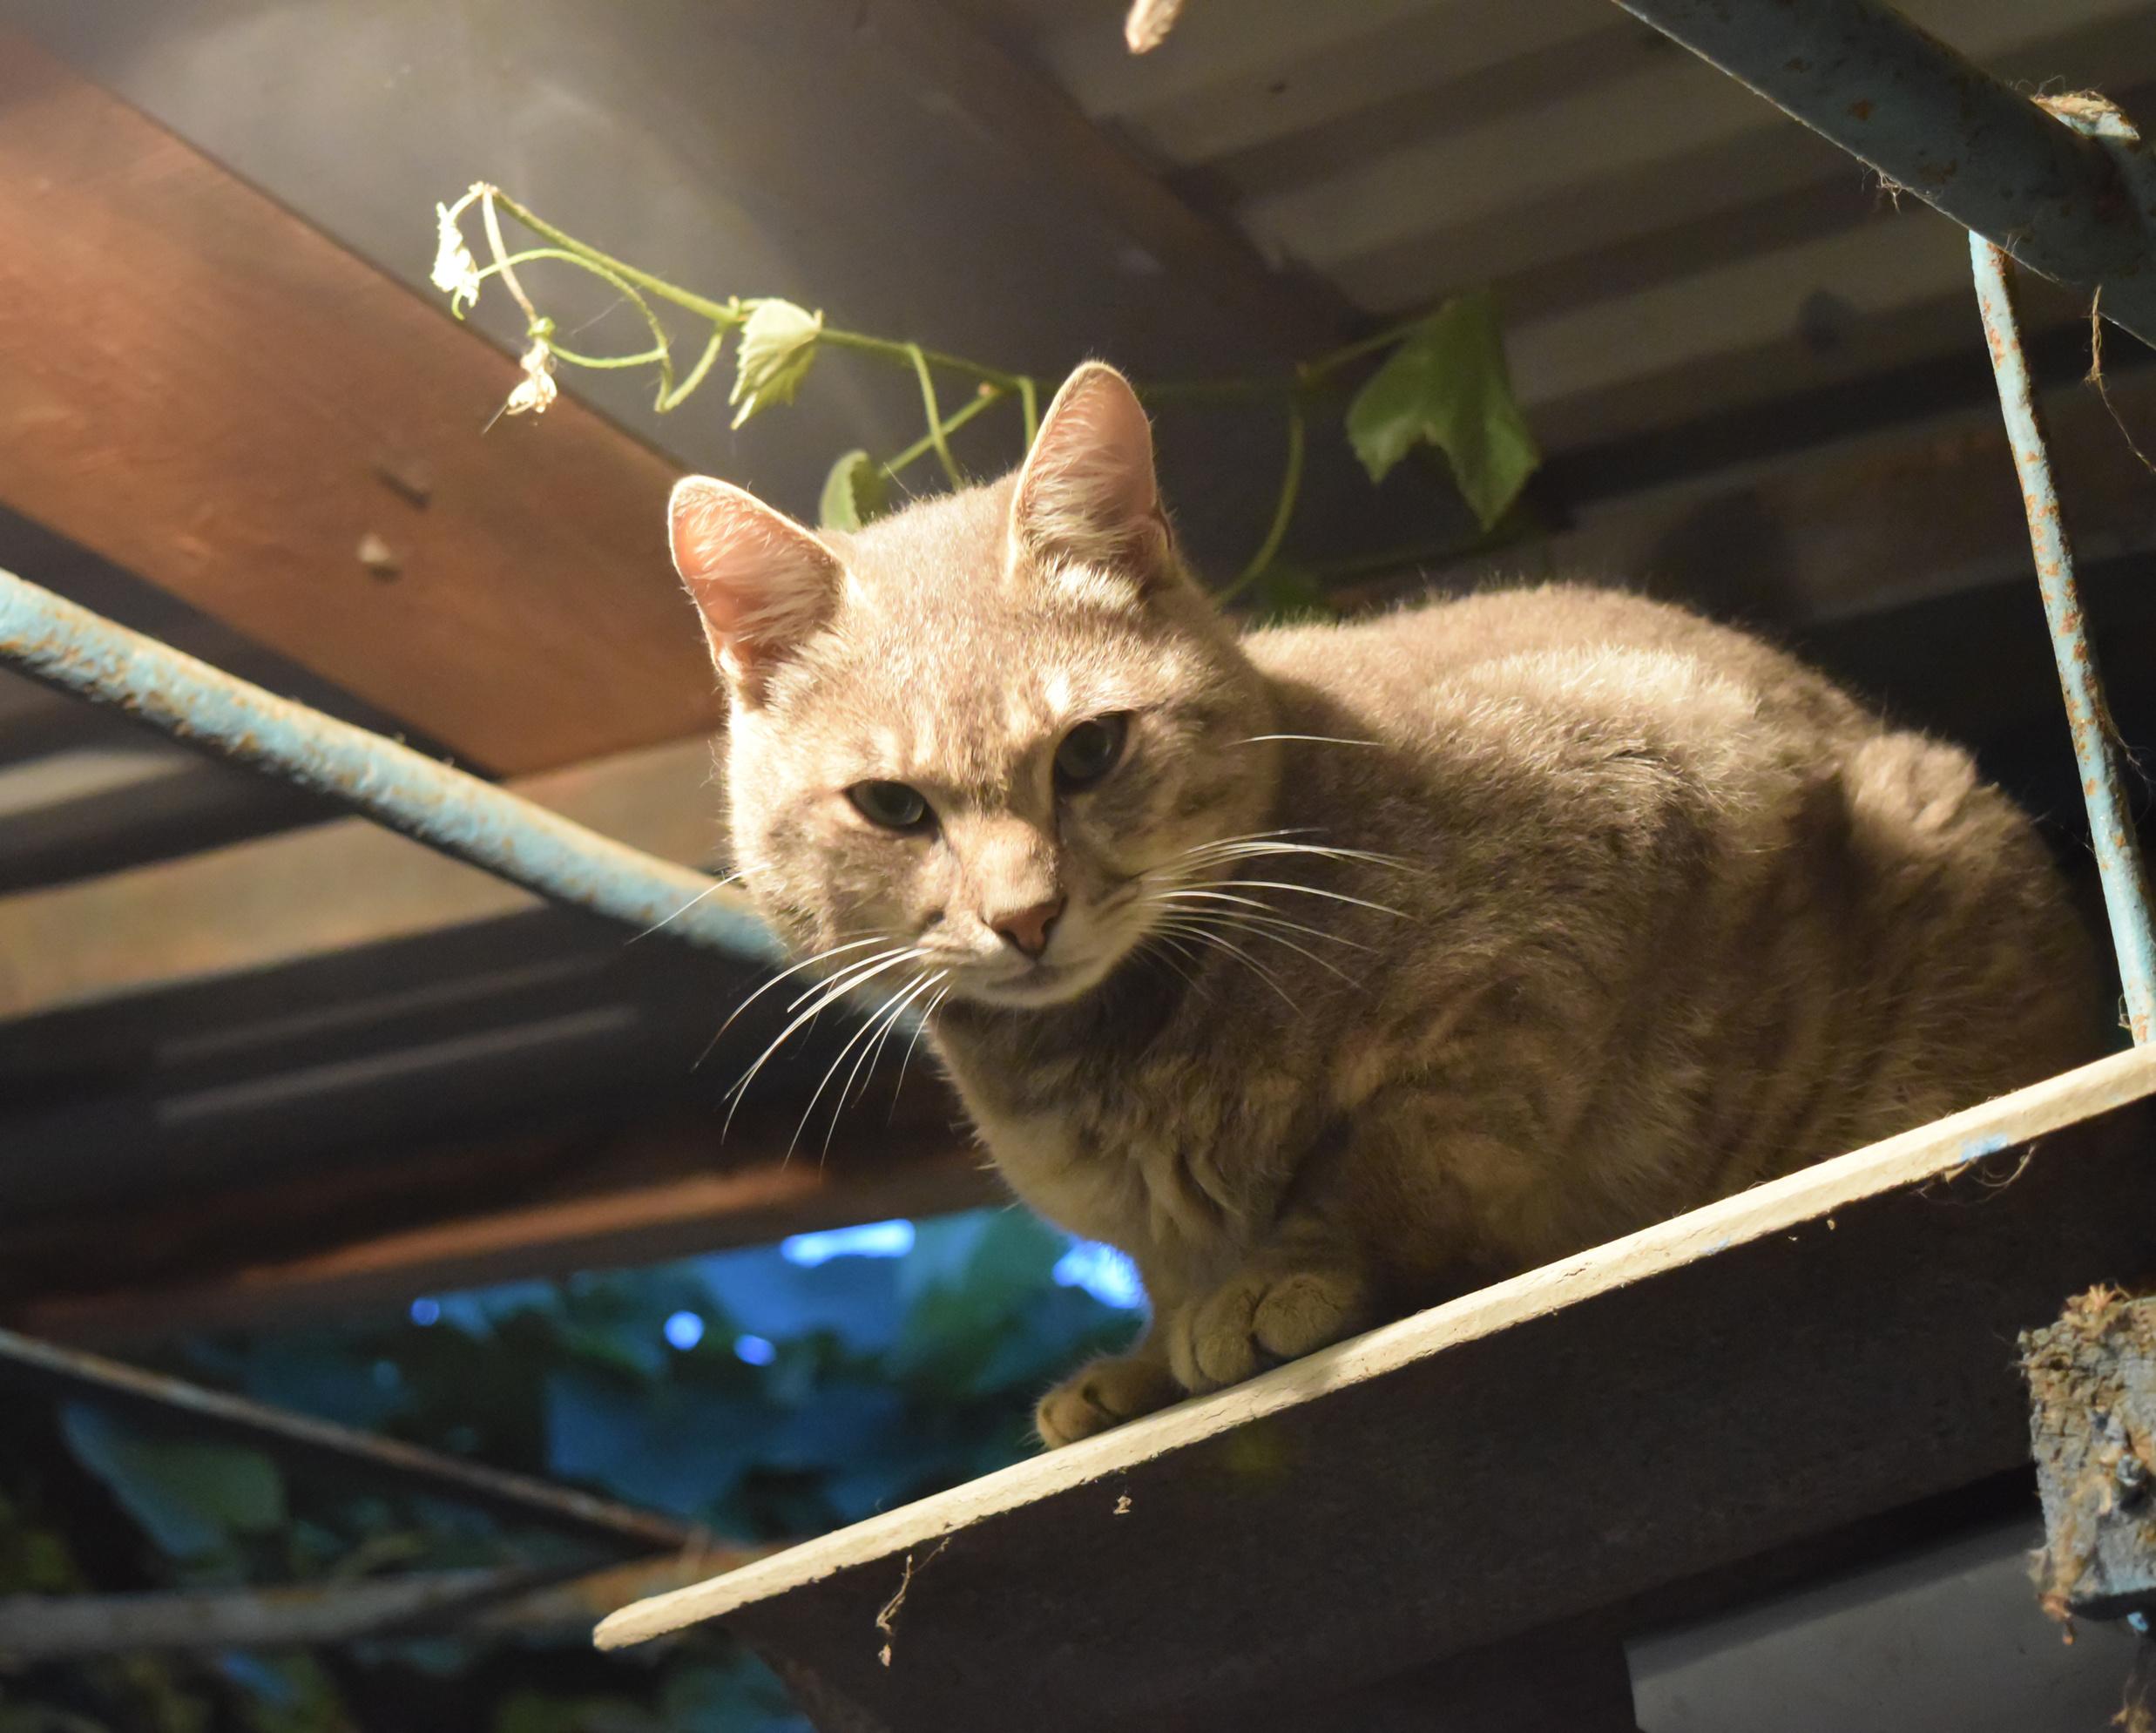 愛猫の夜の大運動会…なんとかできないの?夜の運動会の解決方法